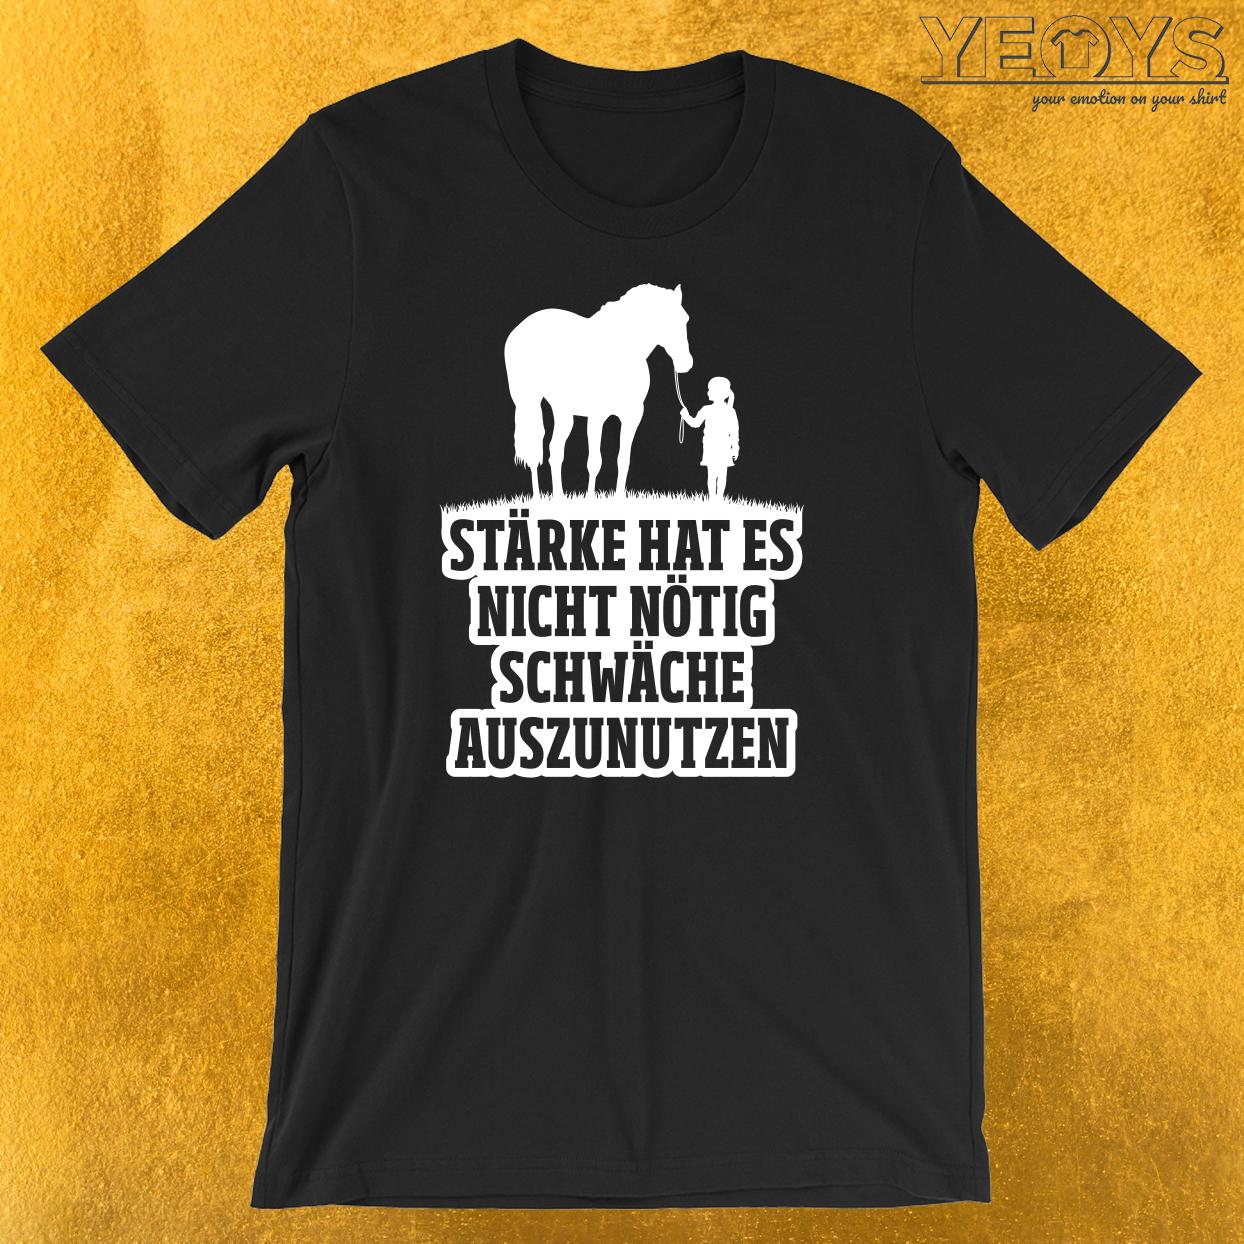 Stärke hat es nötig Schwäche auszunutzen T-Shirt